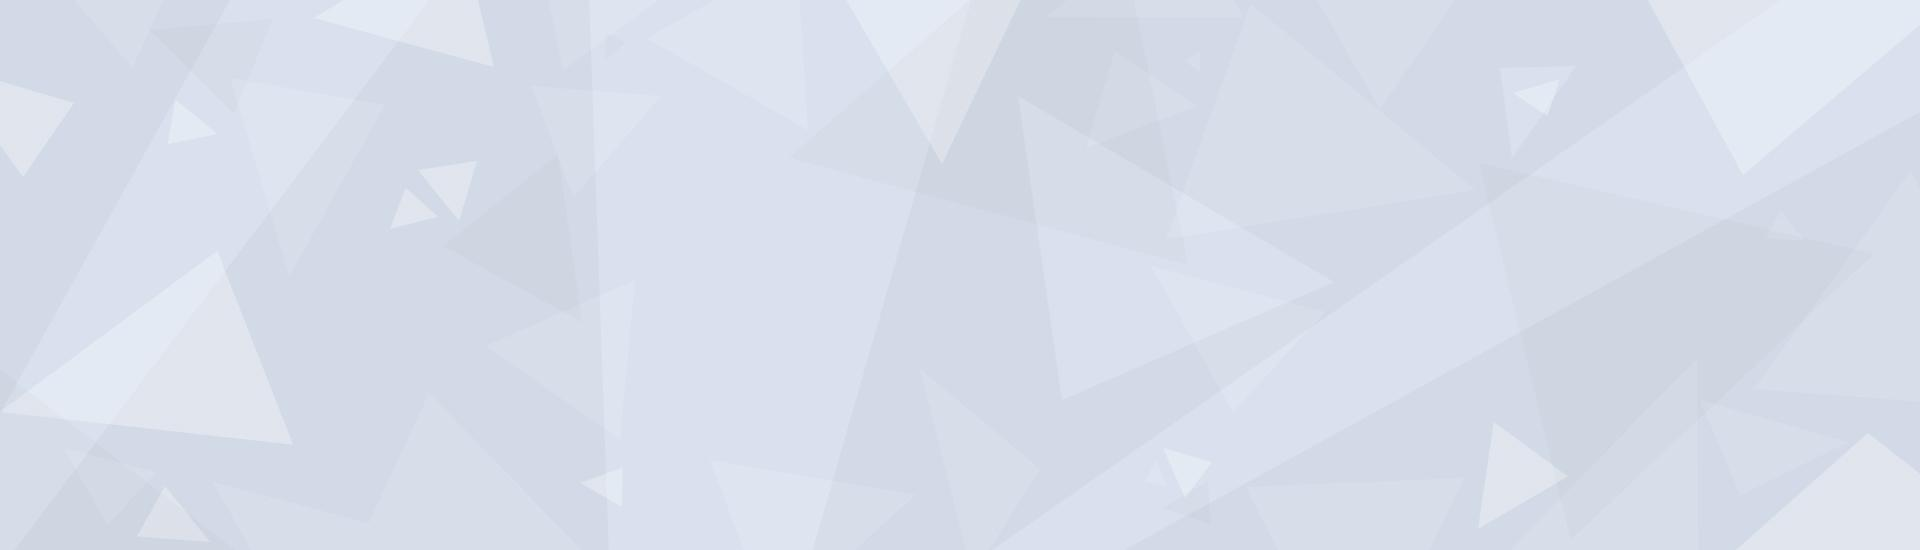 Les_donquichottes Team - VSLeague Online eSport